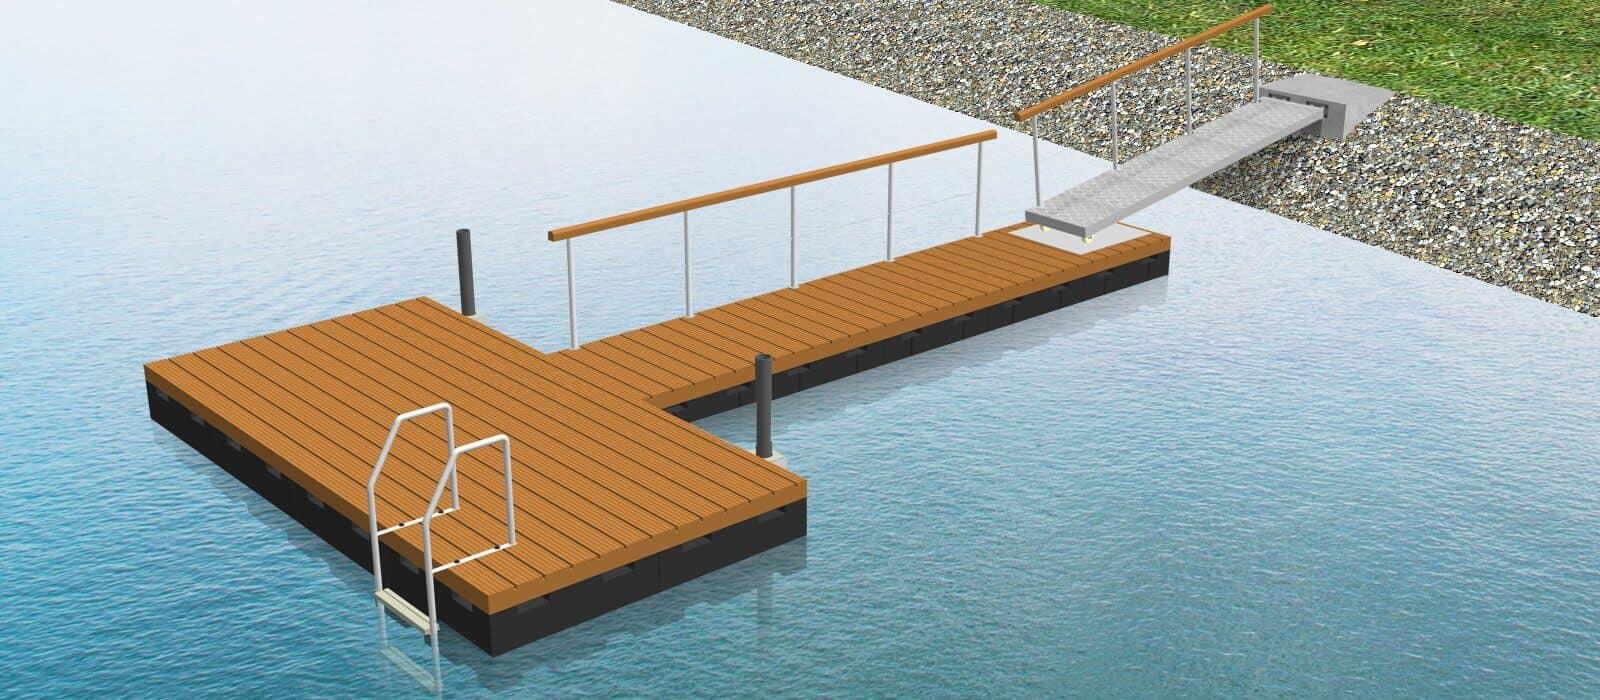 perebo schwimmsysteme schwimmsteg schwimmplattform konfigurator. Black Bedroom Furniture Sets. Home Design Ideas